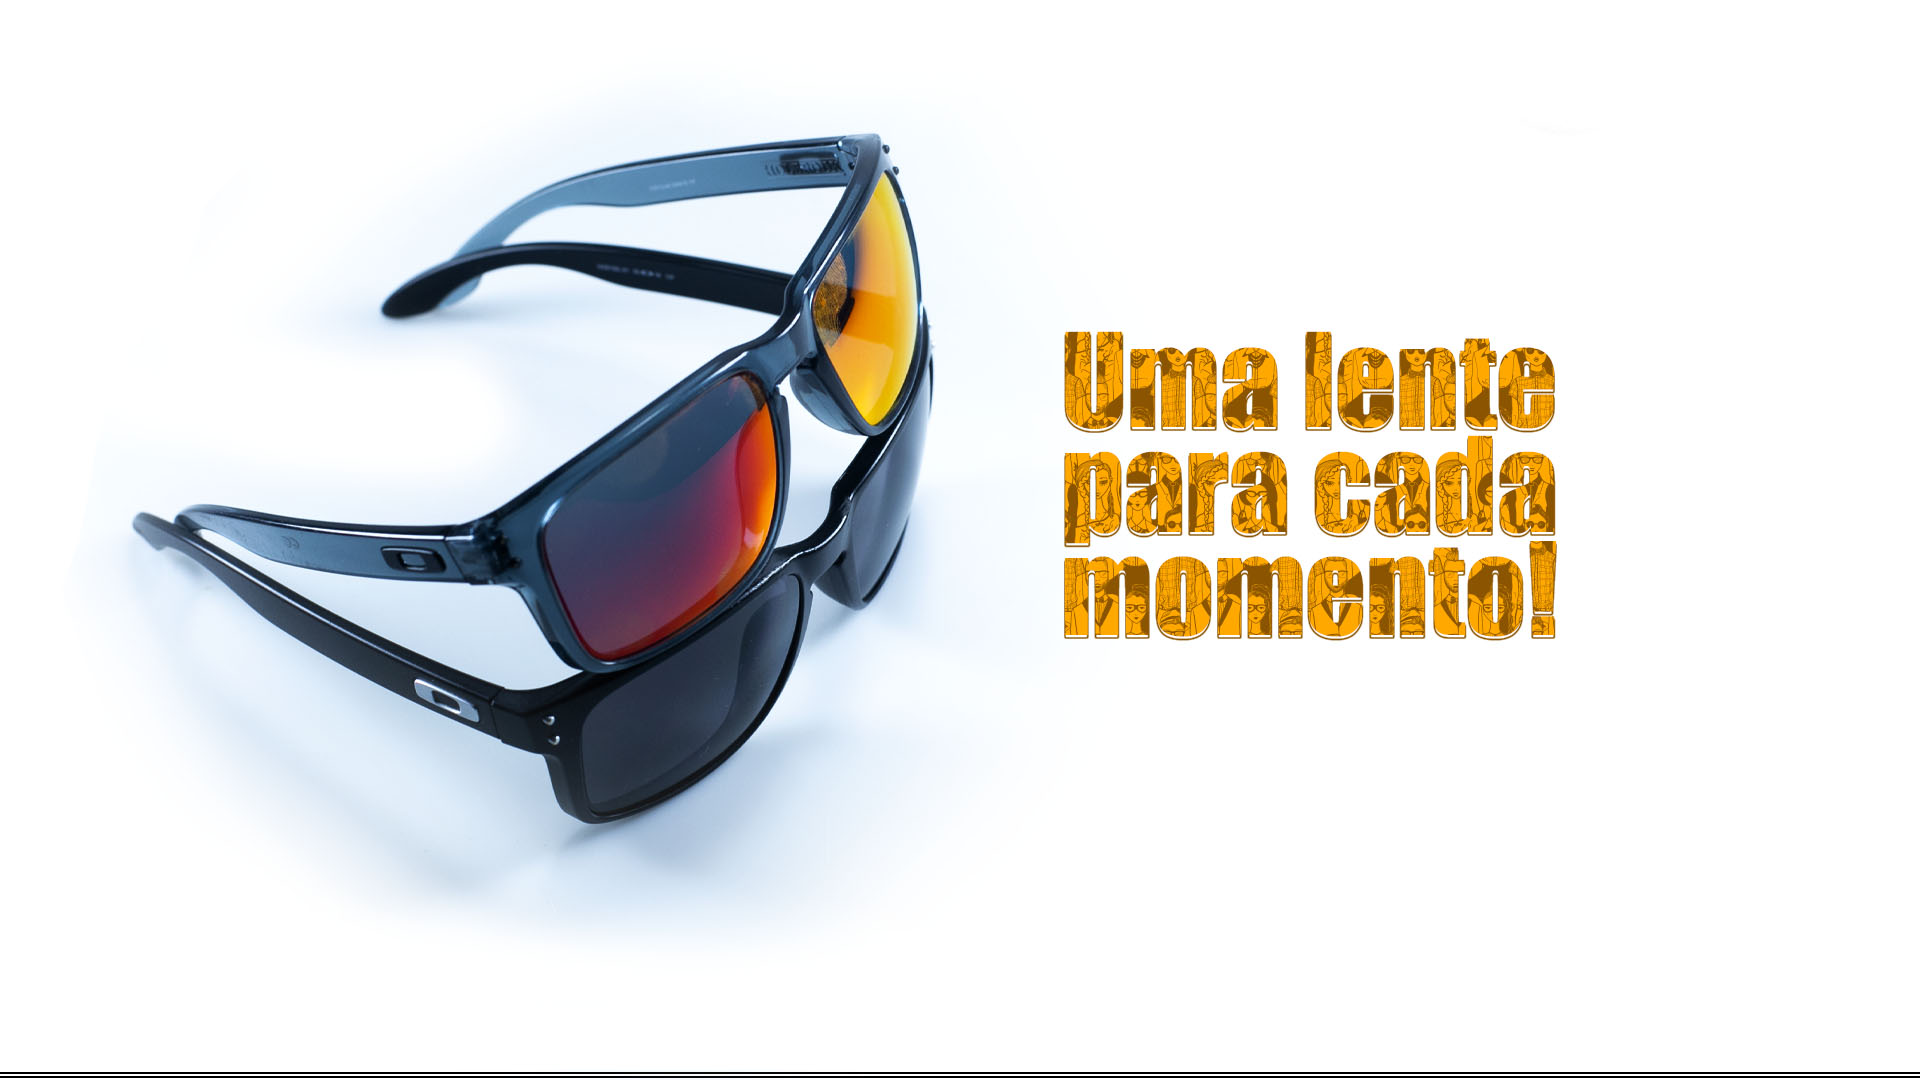 cc110692c Lentes para Óculos de Sol | Proteção UV | Garantia 1 Ano | King Of Lenses